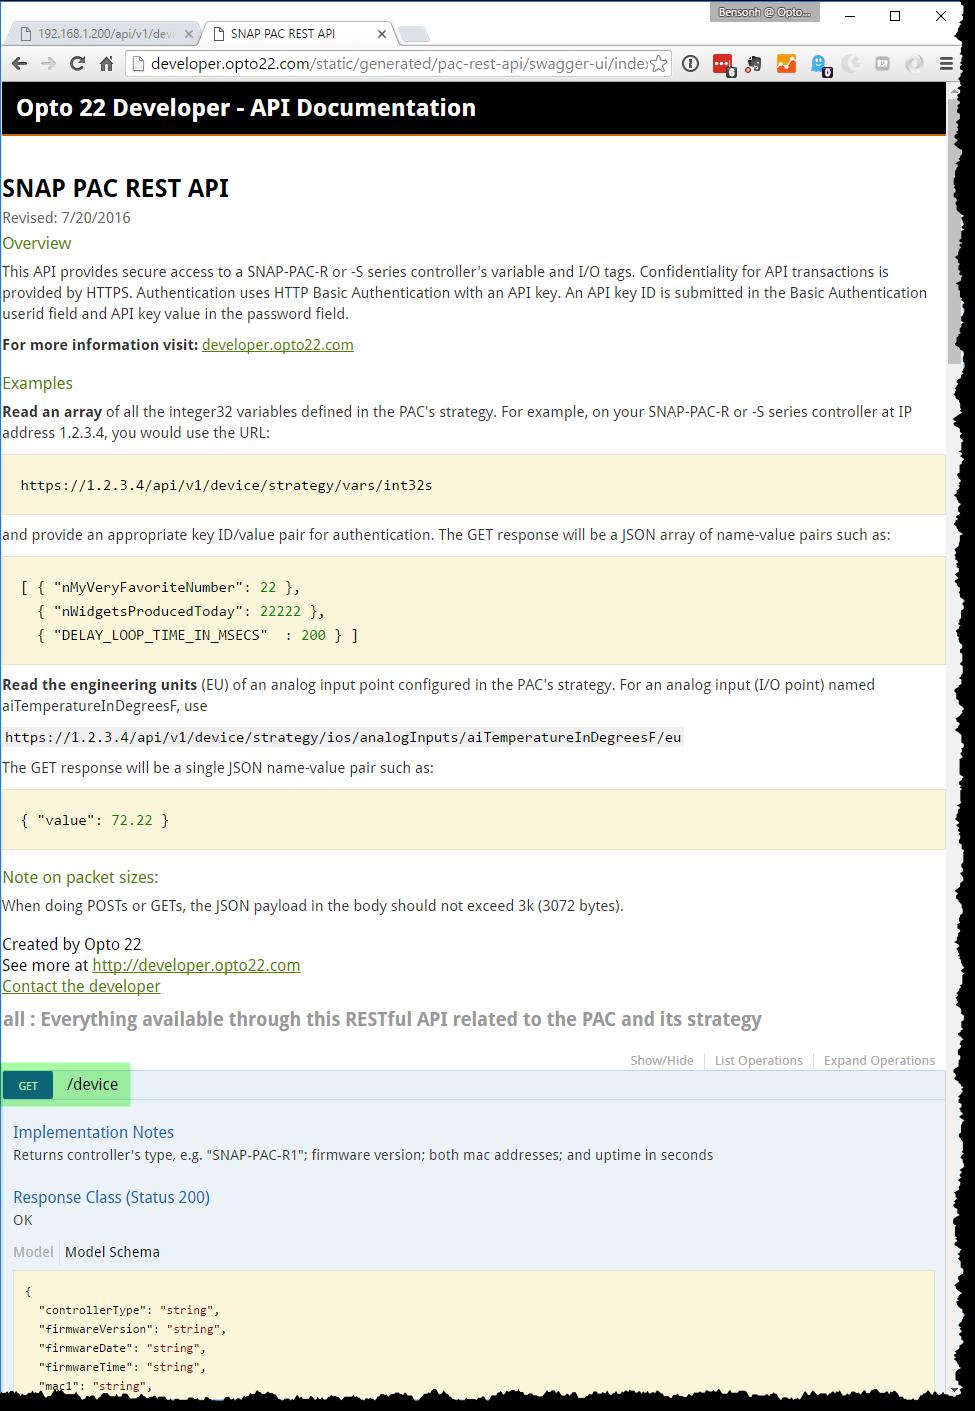 dev.opto_API_doc.png